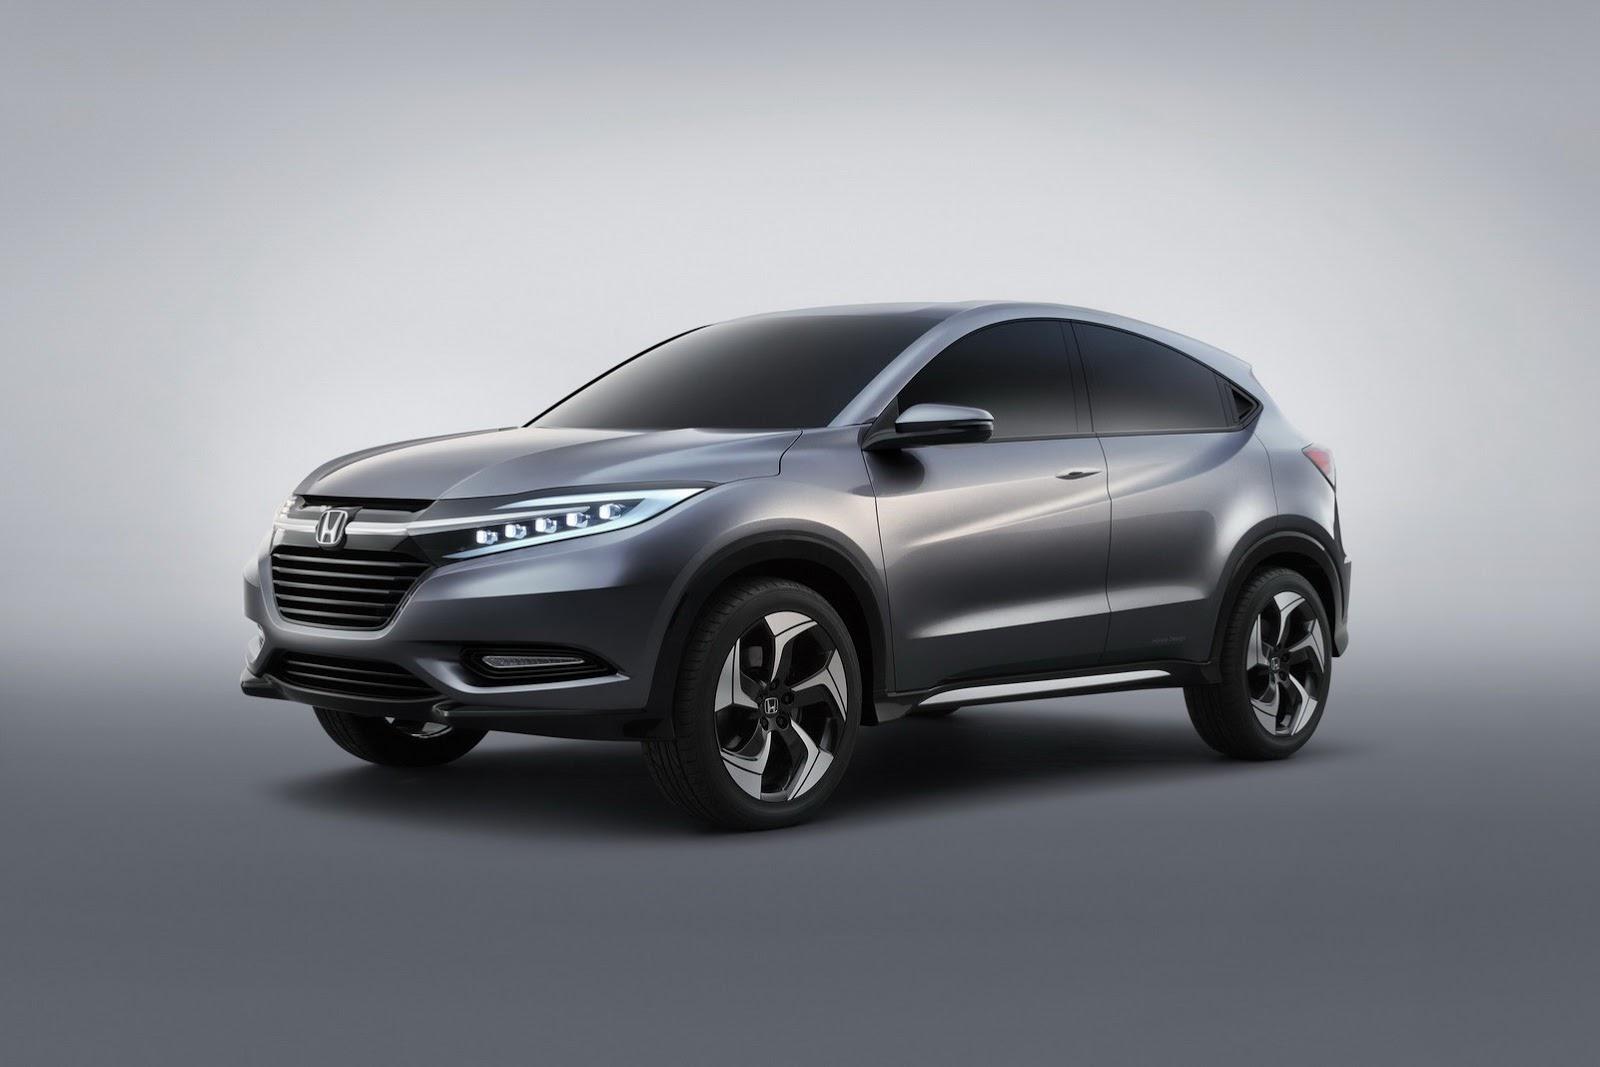 本田纯电动SUV概念车将在法兰克福车展亮相